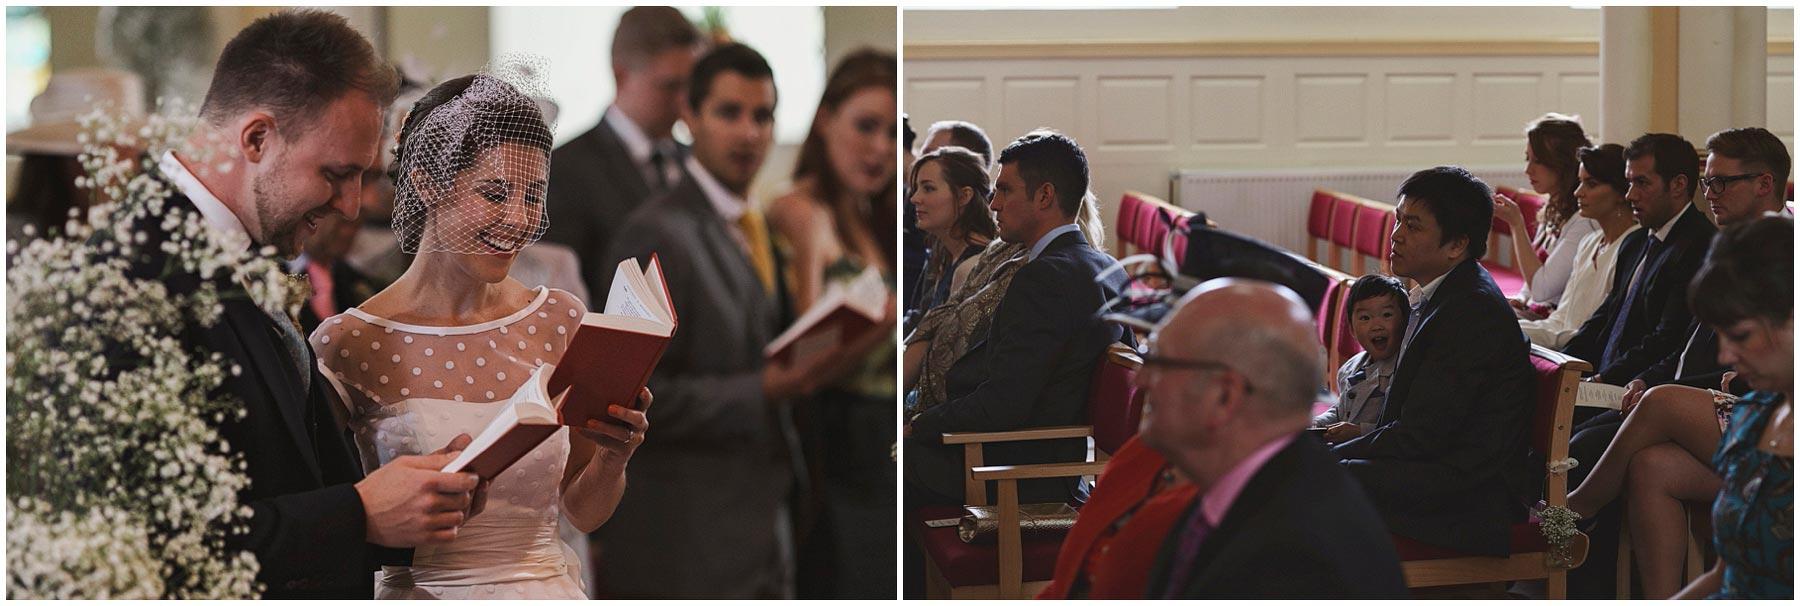 the-spiced-pear-wedding-photographer_0042